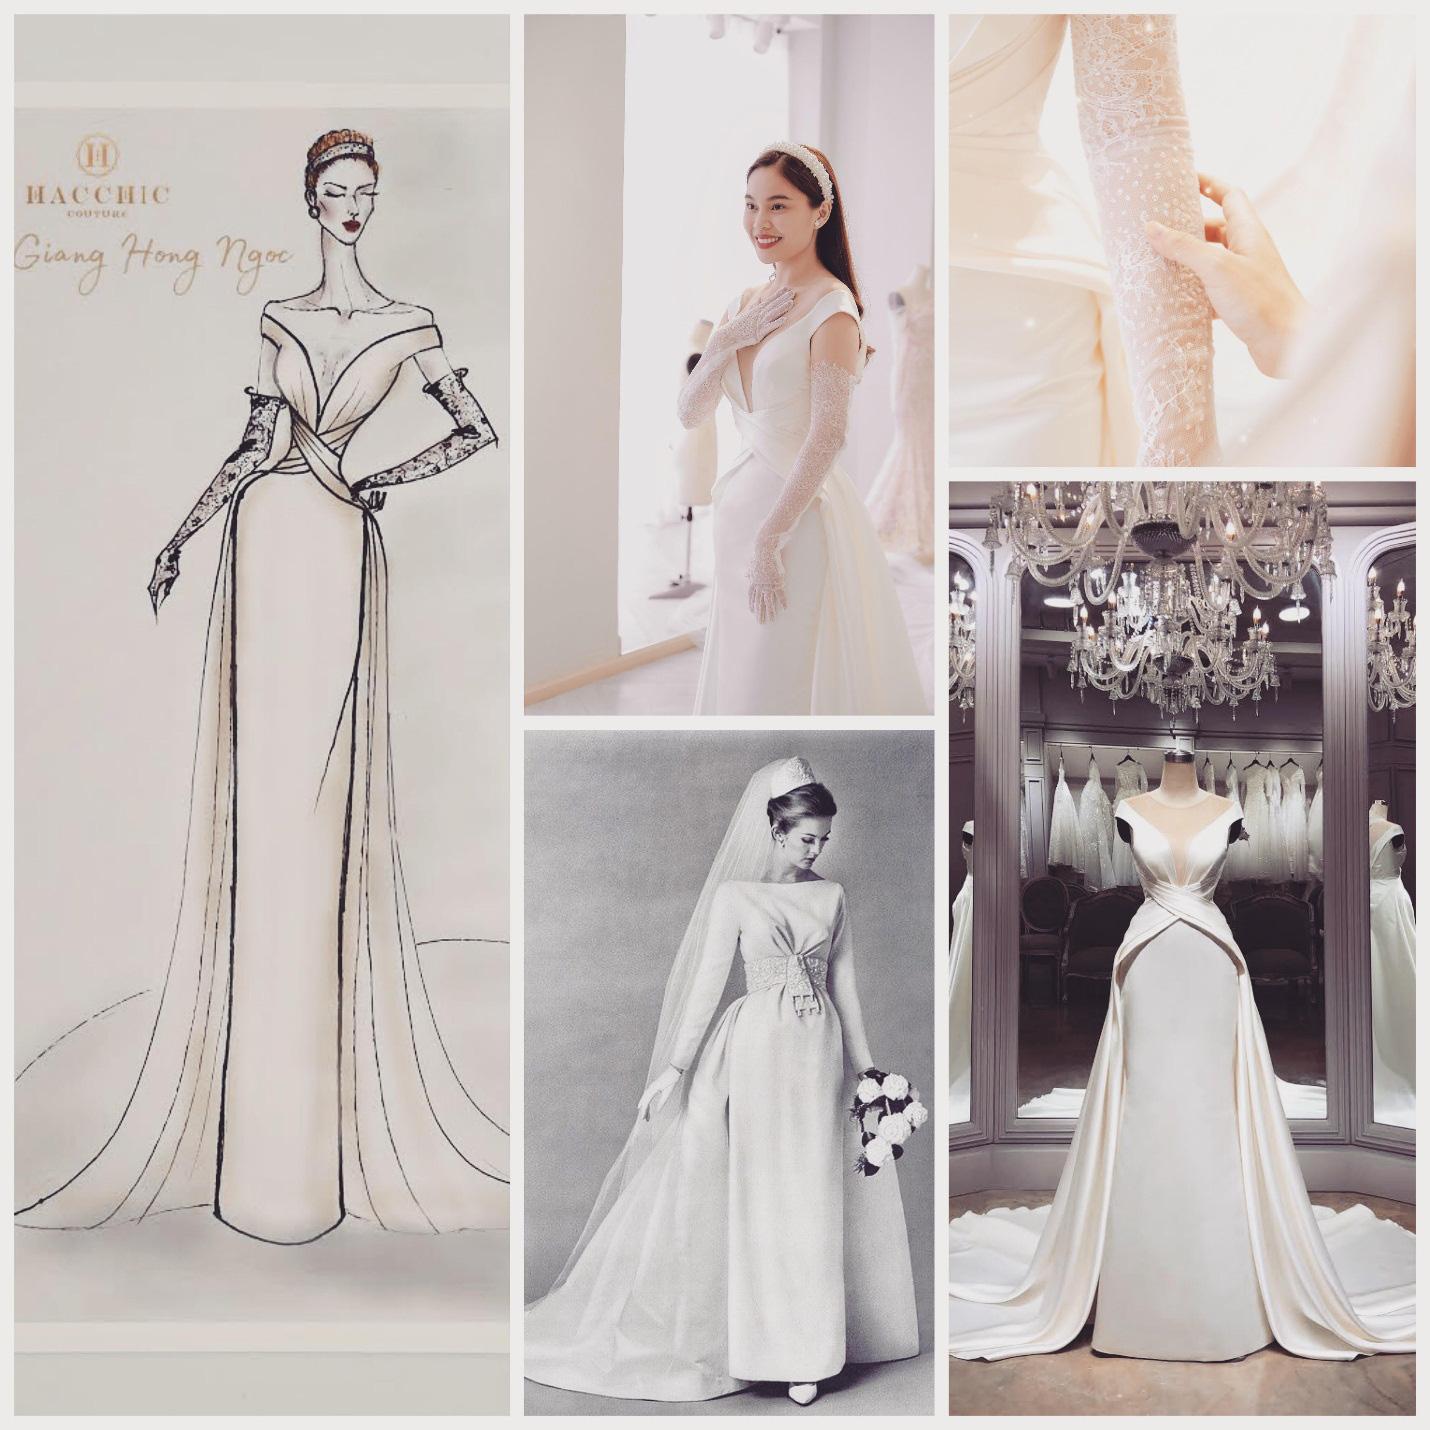 Sau Đông Nhi, Bảo Thy, đến lượt Giang Hồng Ngọc thử váy trước thềm đám cưới - Ảnh 2.